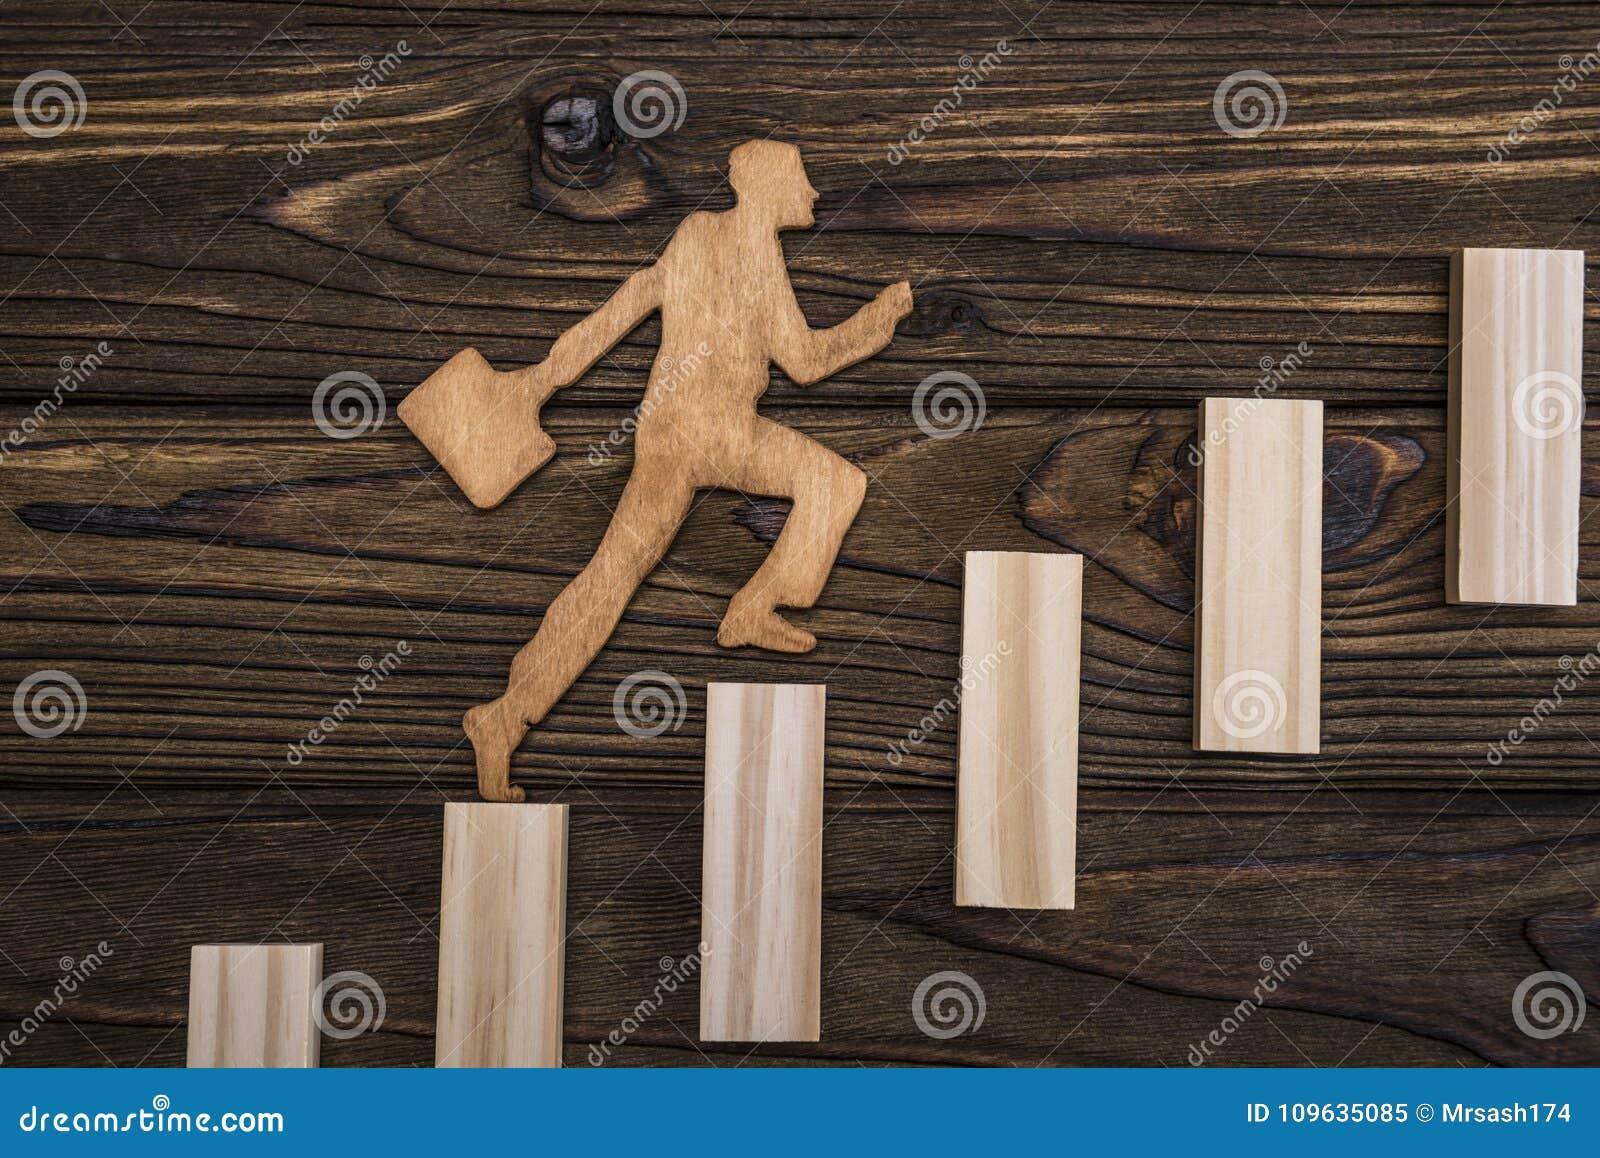 Силуэт от естественного дерева Бизнесмен с портфолио поднимает вверх лестницы его карьеры